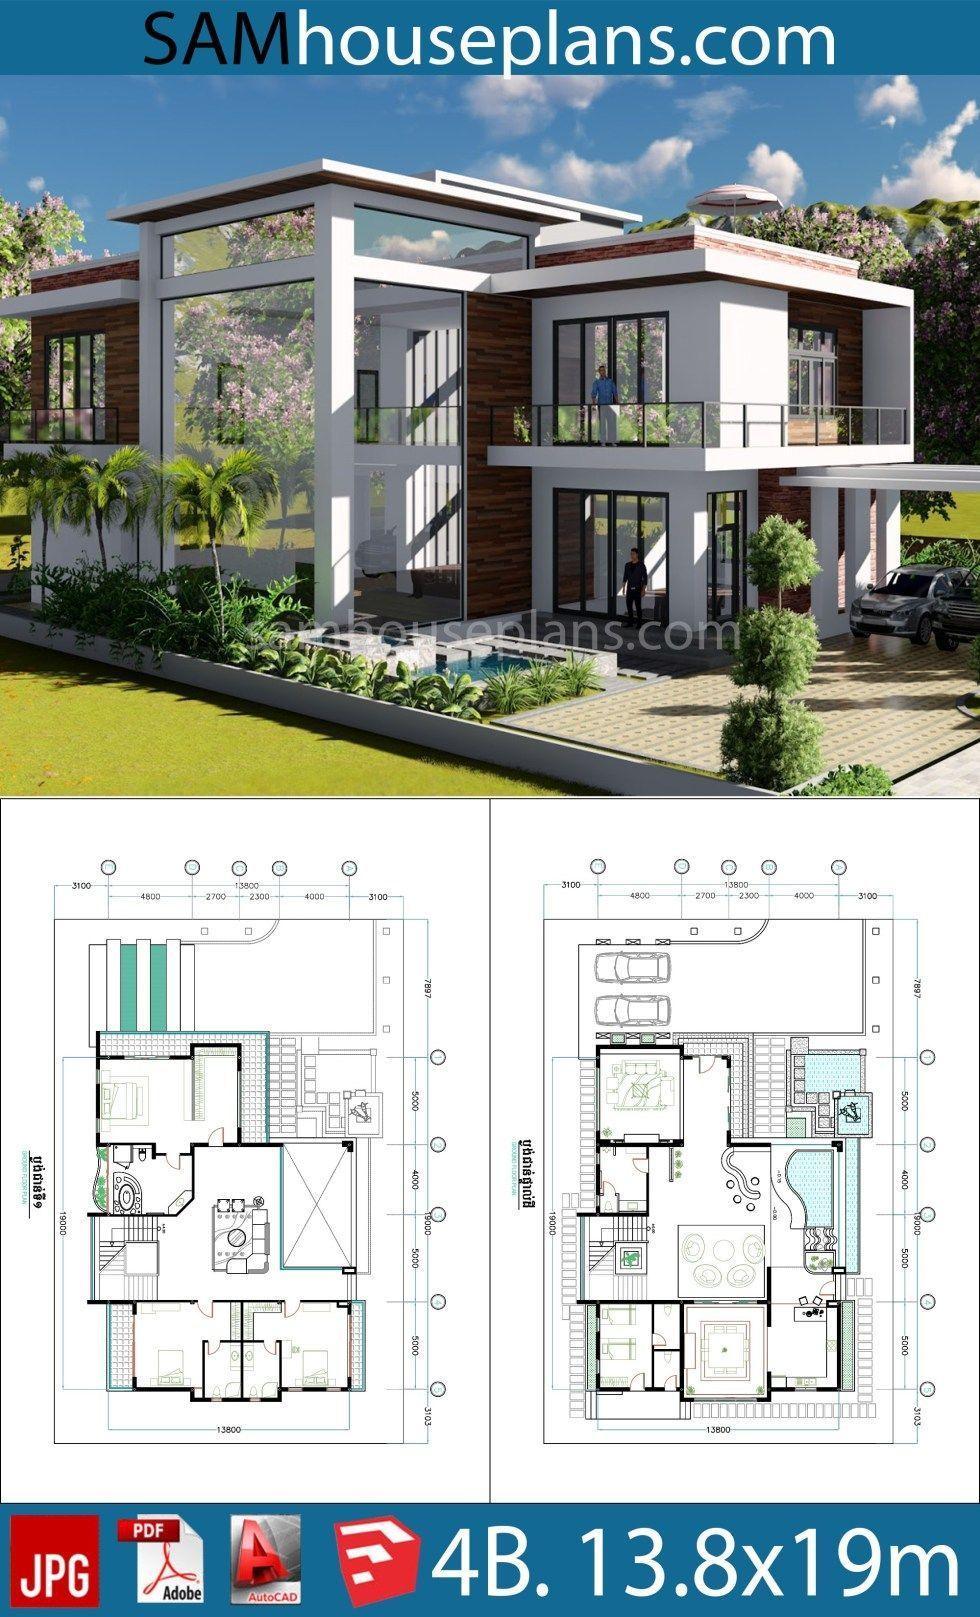 House Plans Architecture Layout 33 Ideas House Plans Architecture Layout Ideas Home In 2020 Beach House Plans Contemporary House Plans Modern House Floor Plans